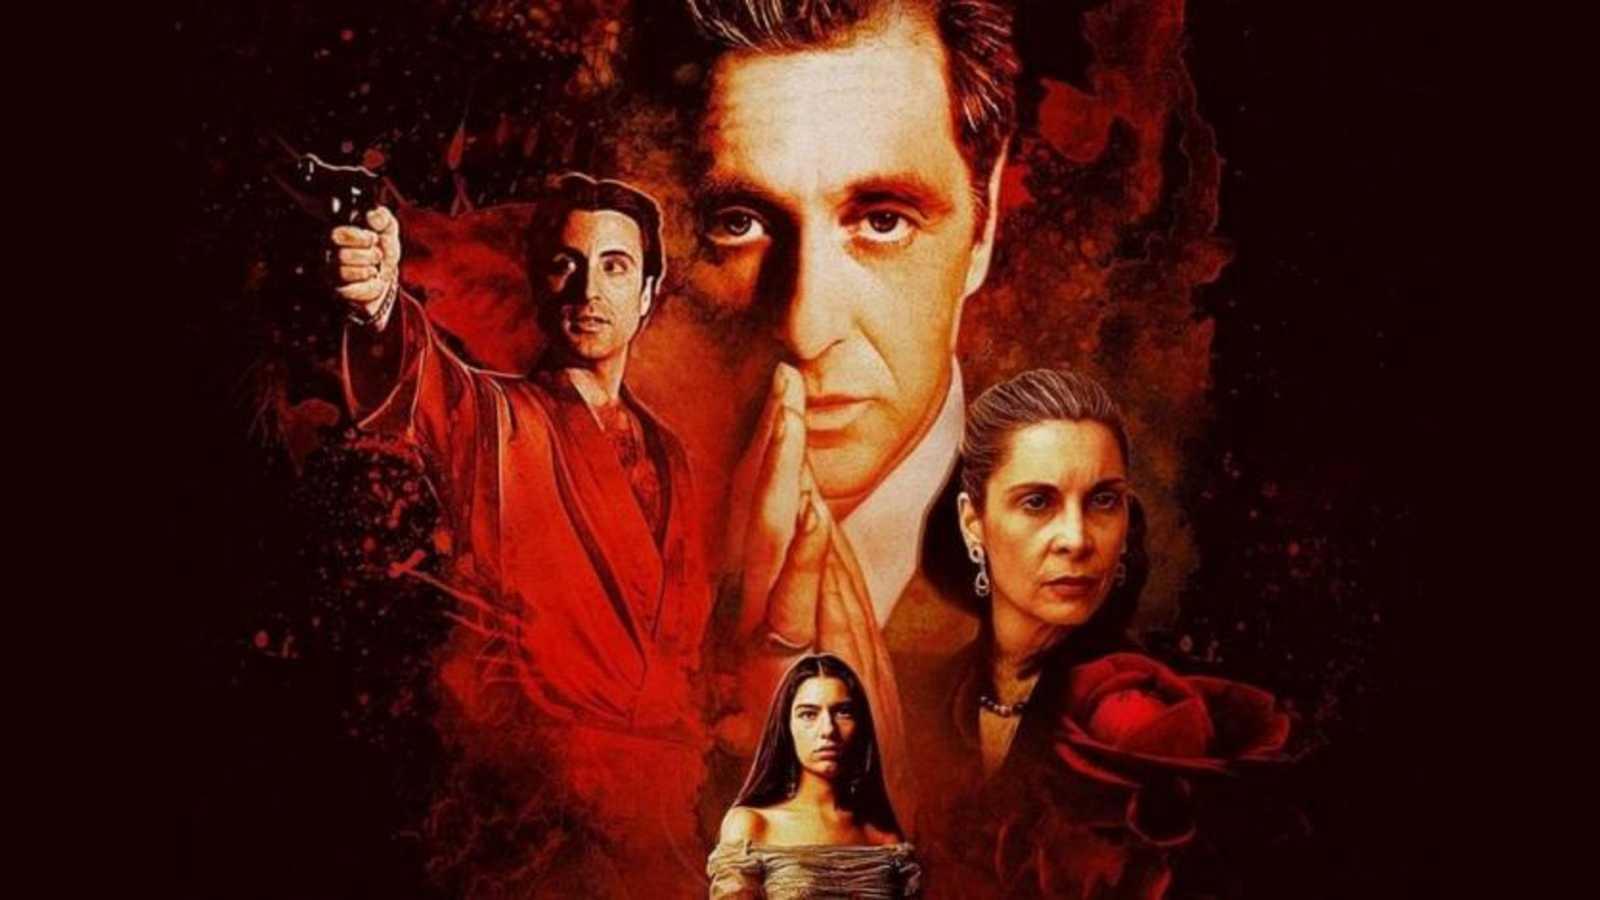 Llega a los cines el montaje de Coppola de la última entrega de 'El Padrino'